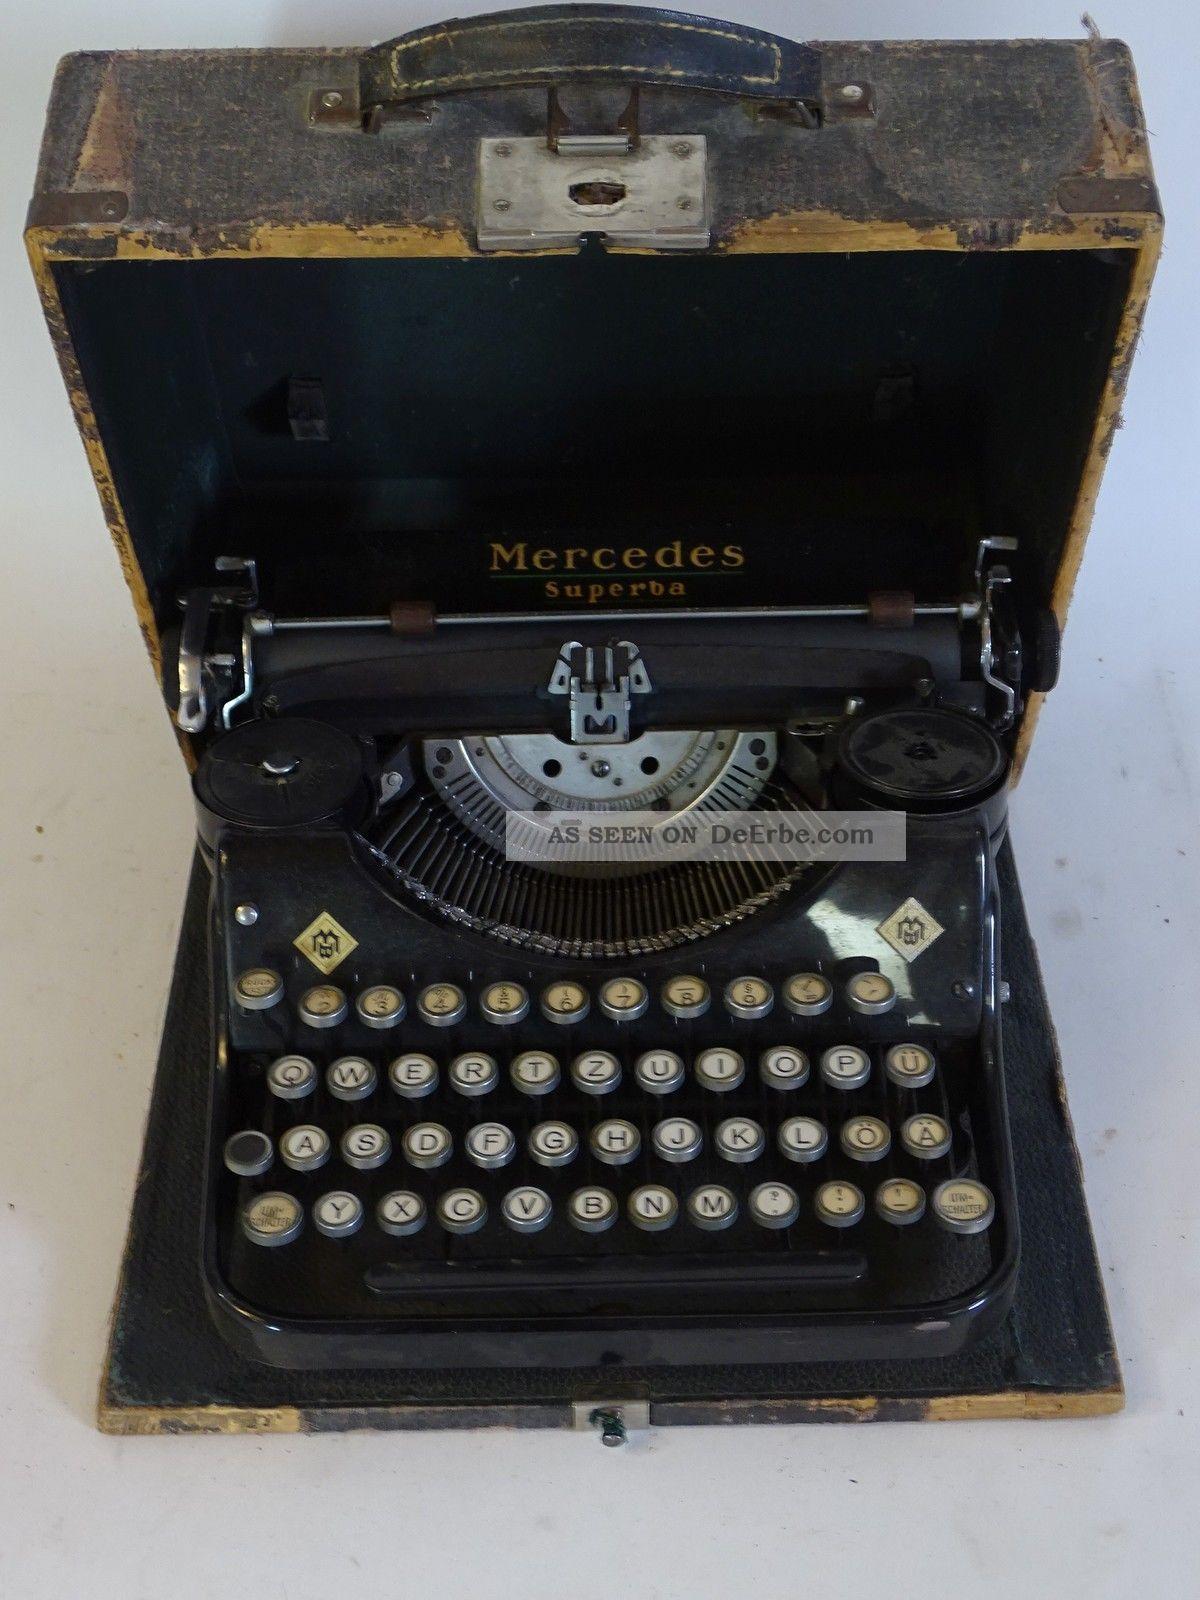 Antike Mercedes Superba Schreibmaschine Im Koffer Antike Bürotechnik Bild